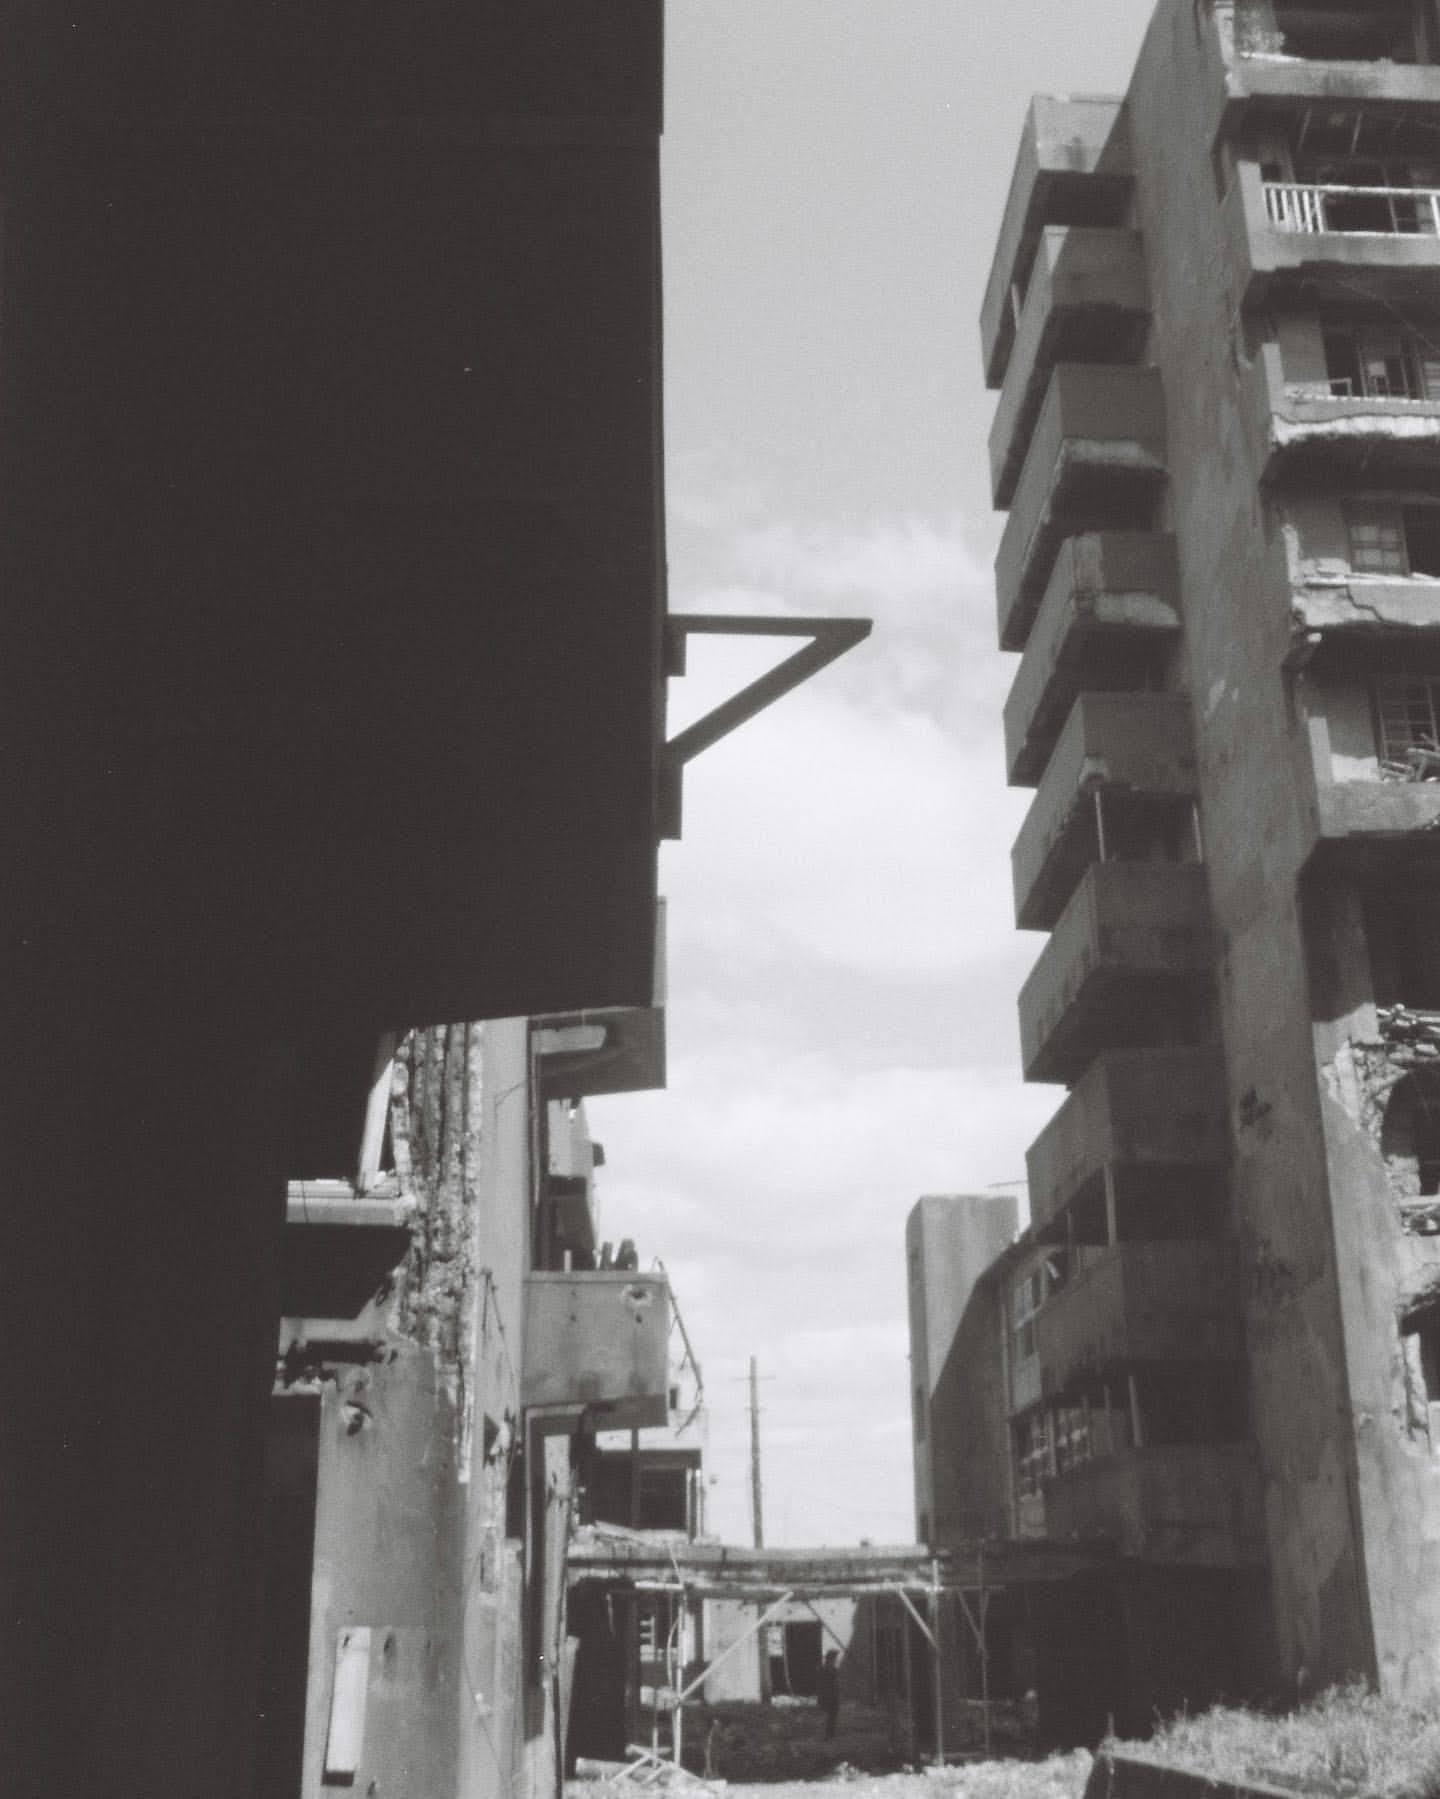 セントチヒロ・チッチのインスタ画像